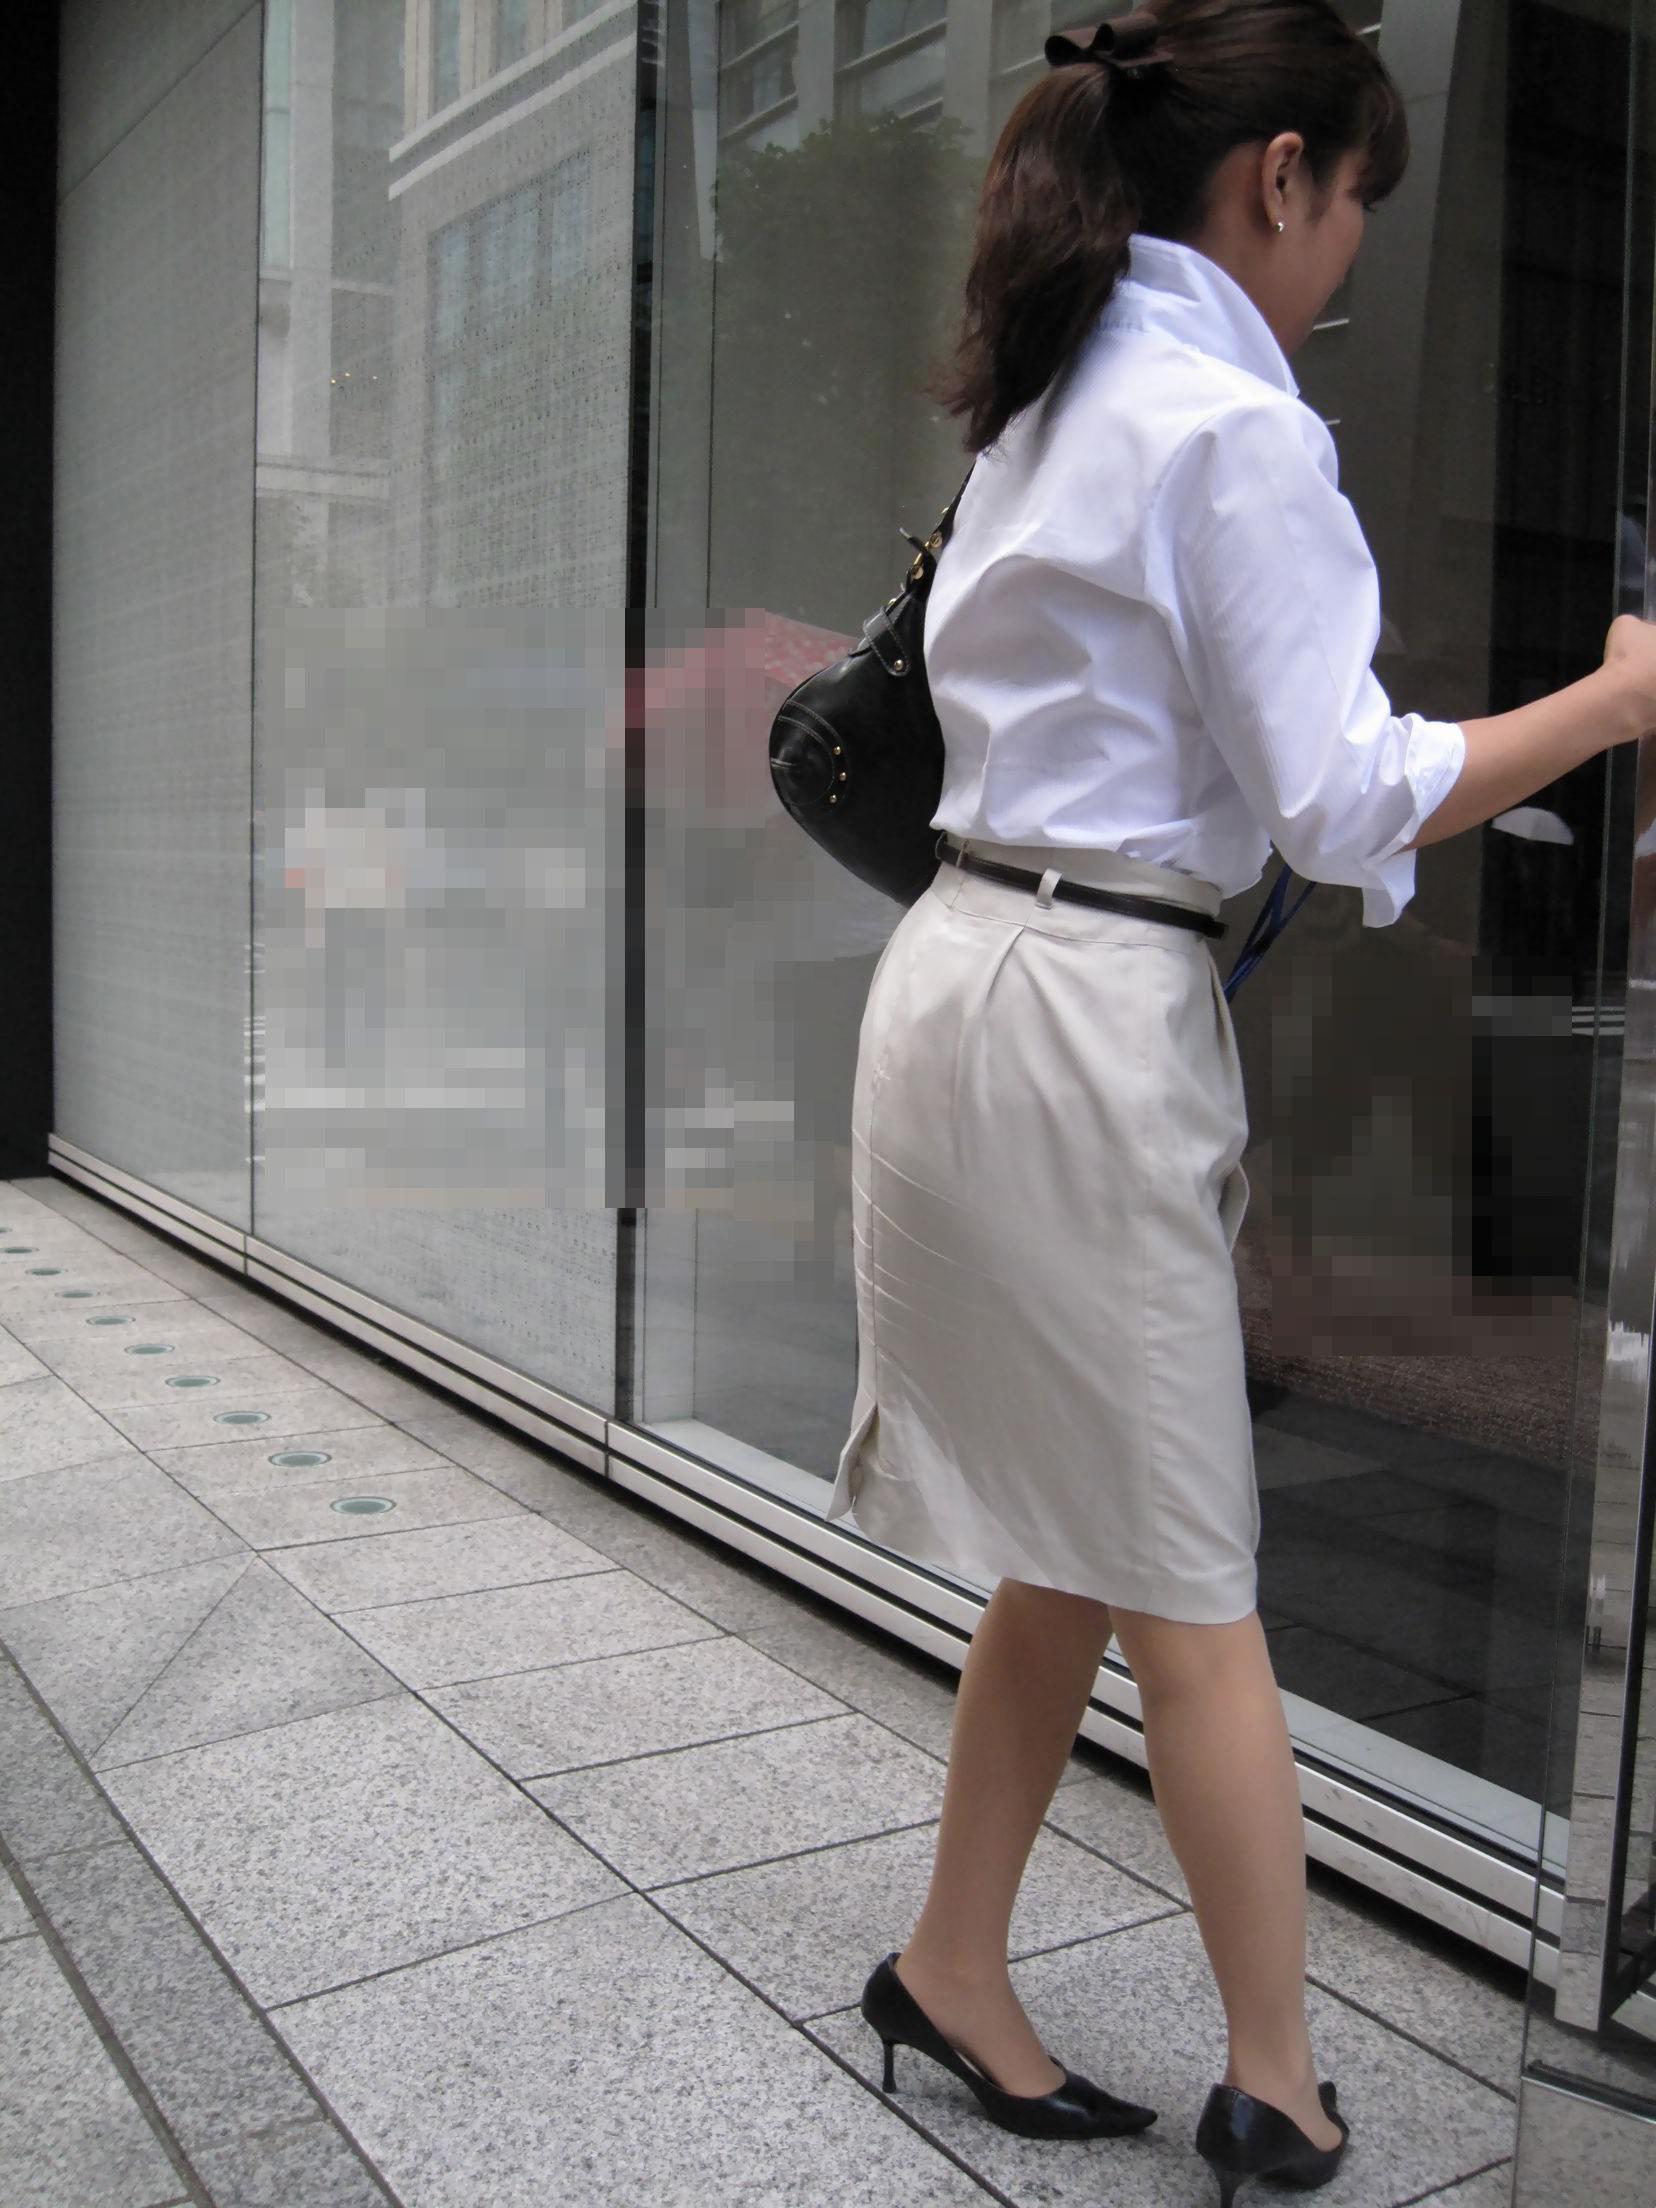 お尻の形が丸わかりなOLさんを尾行して街撮り盗撮www 3072